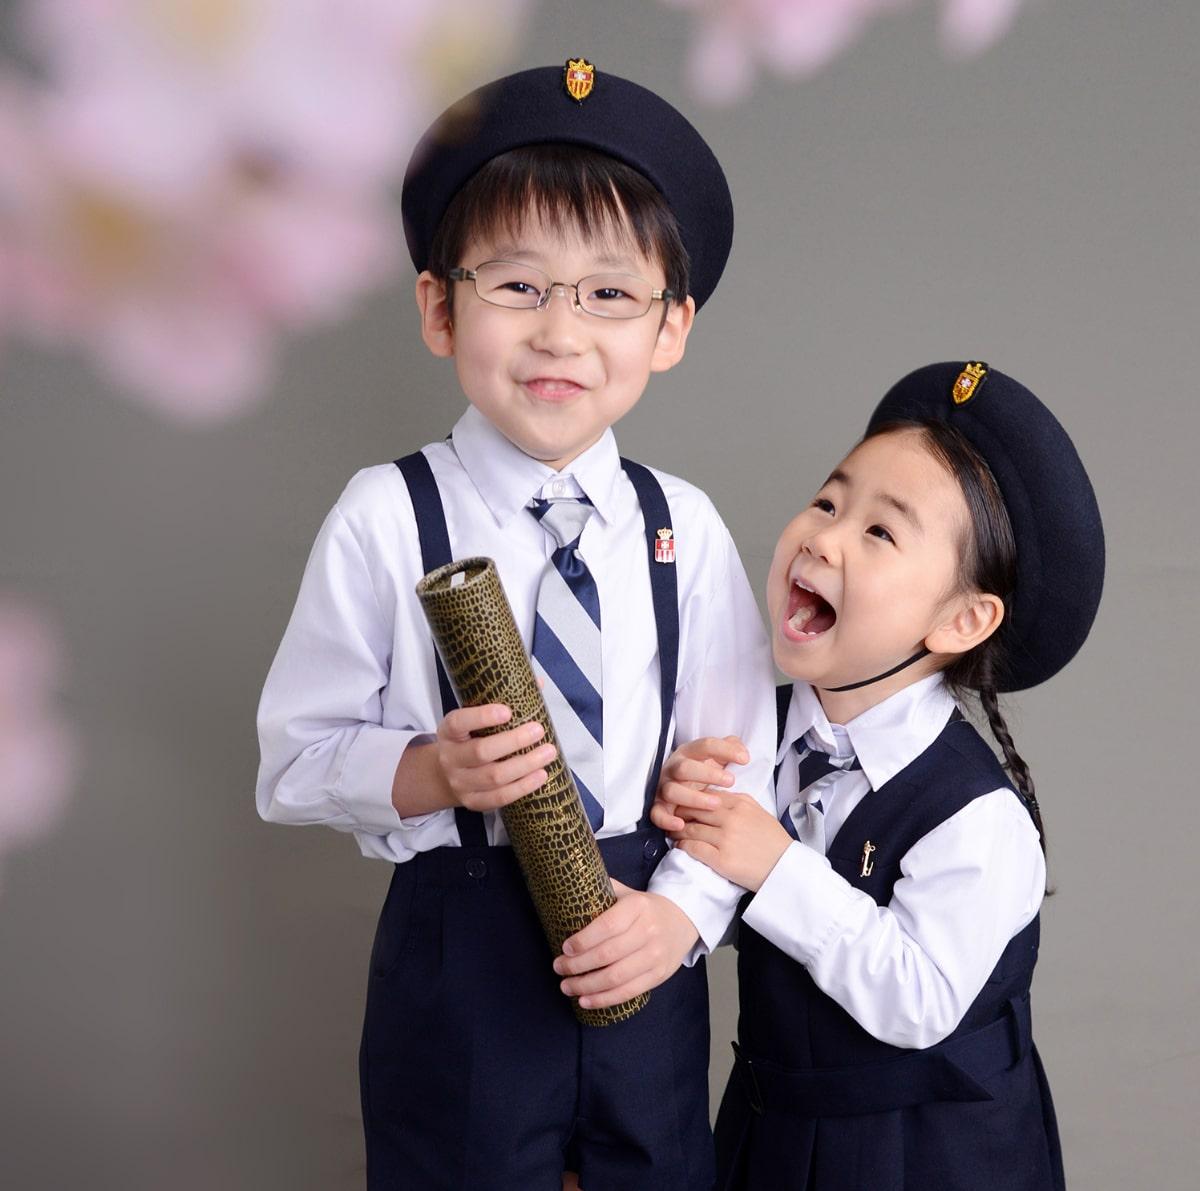 入園 入学 卒業 記念